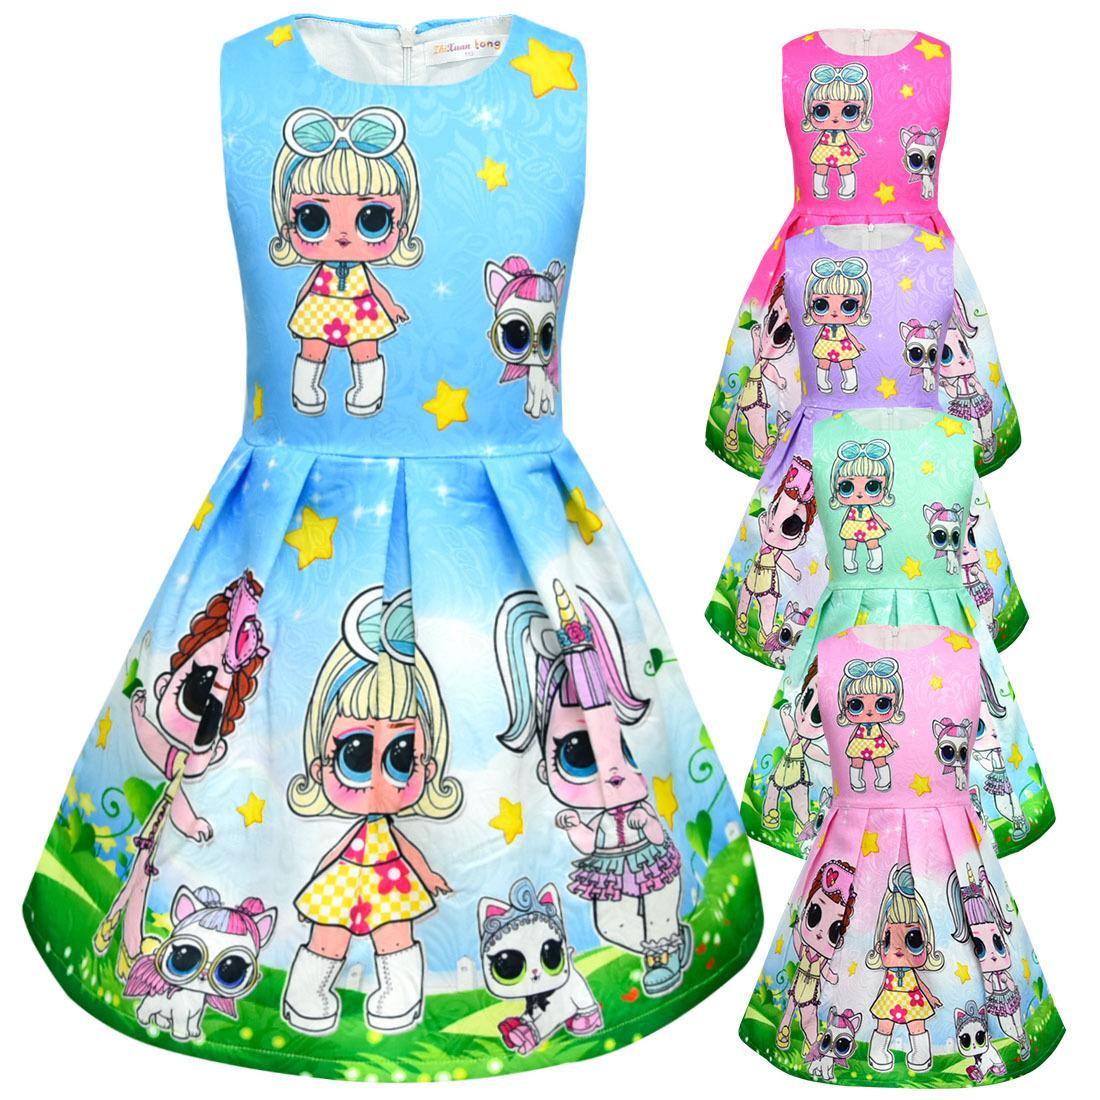 2019 novos estilos lol surpresa crianças criativas vestir as bonecas jacquard vestidos padrão menina high-end saia atacado